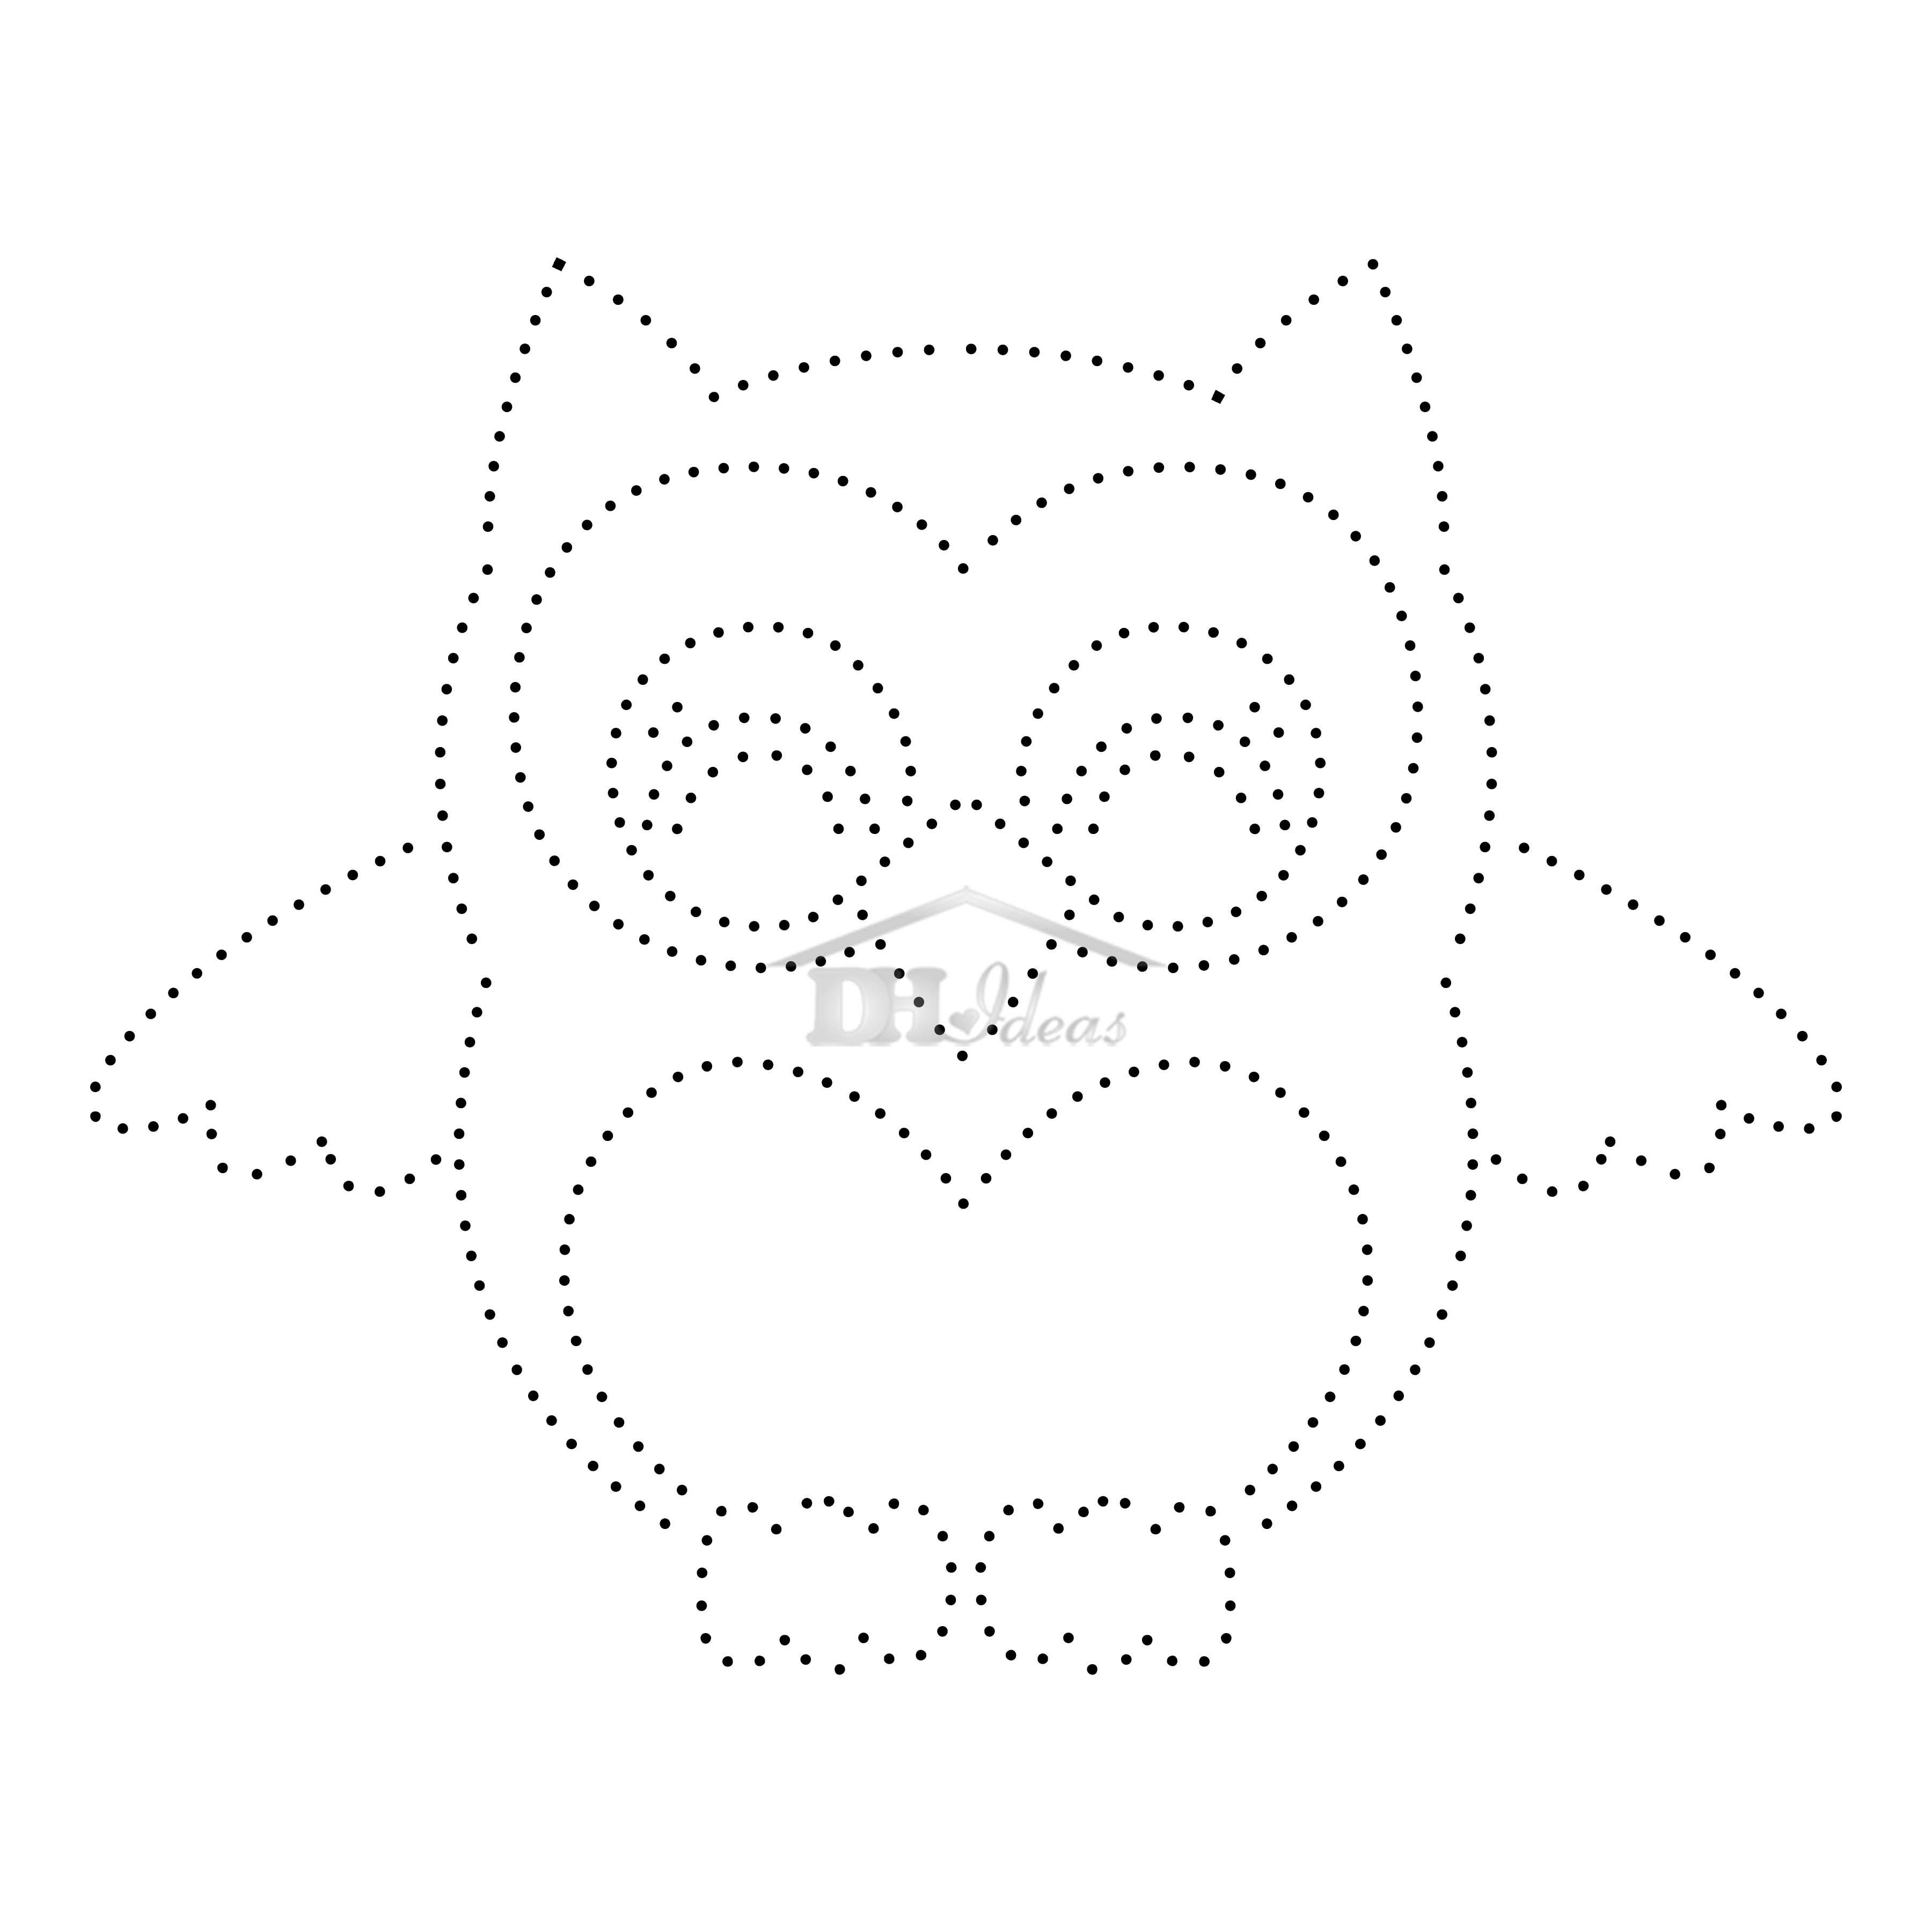 30 Free Printable String Art Patterns (Direct Download) - Free Printable String Art Patterns With Instructions